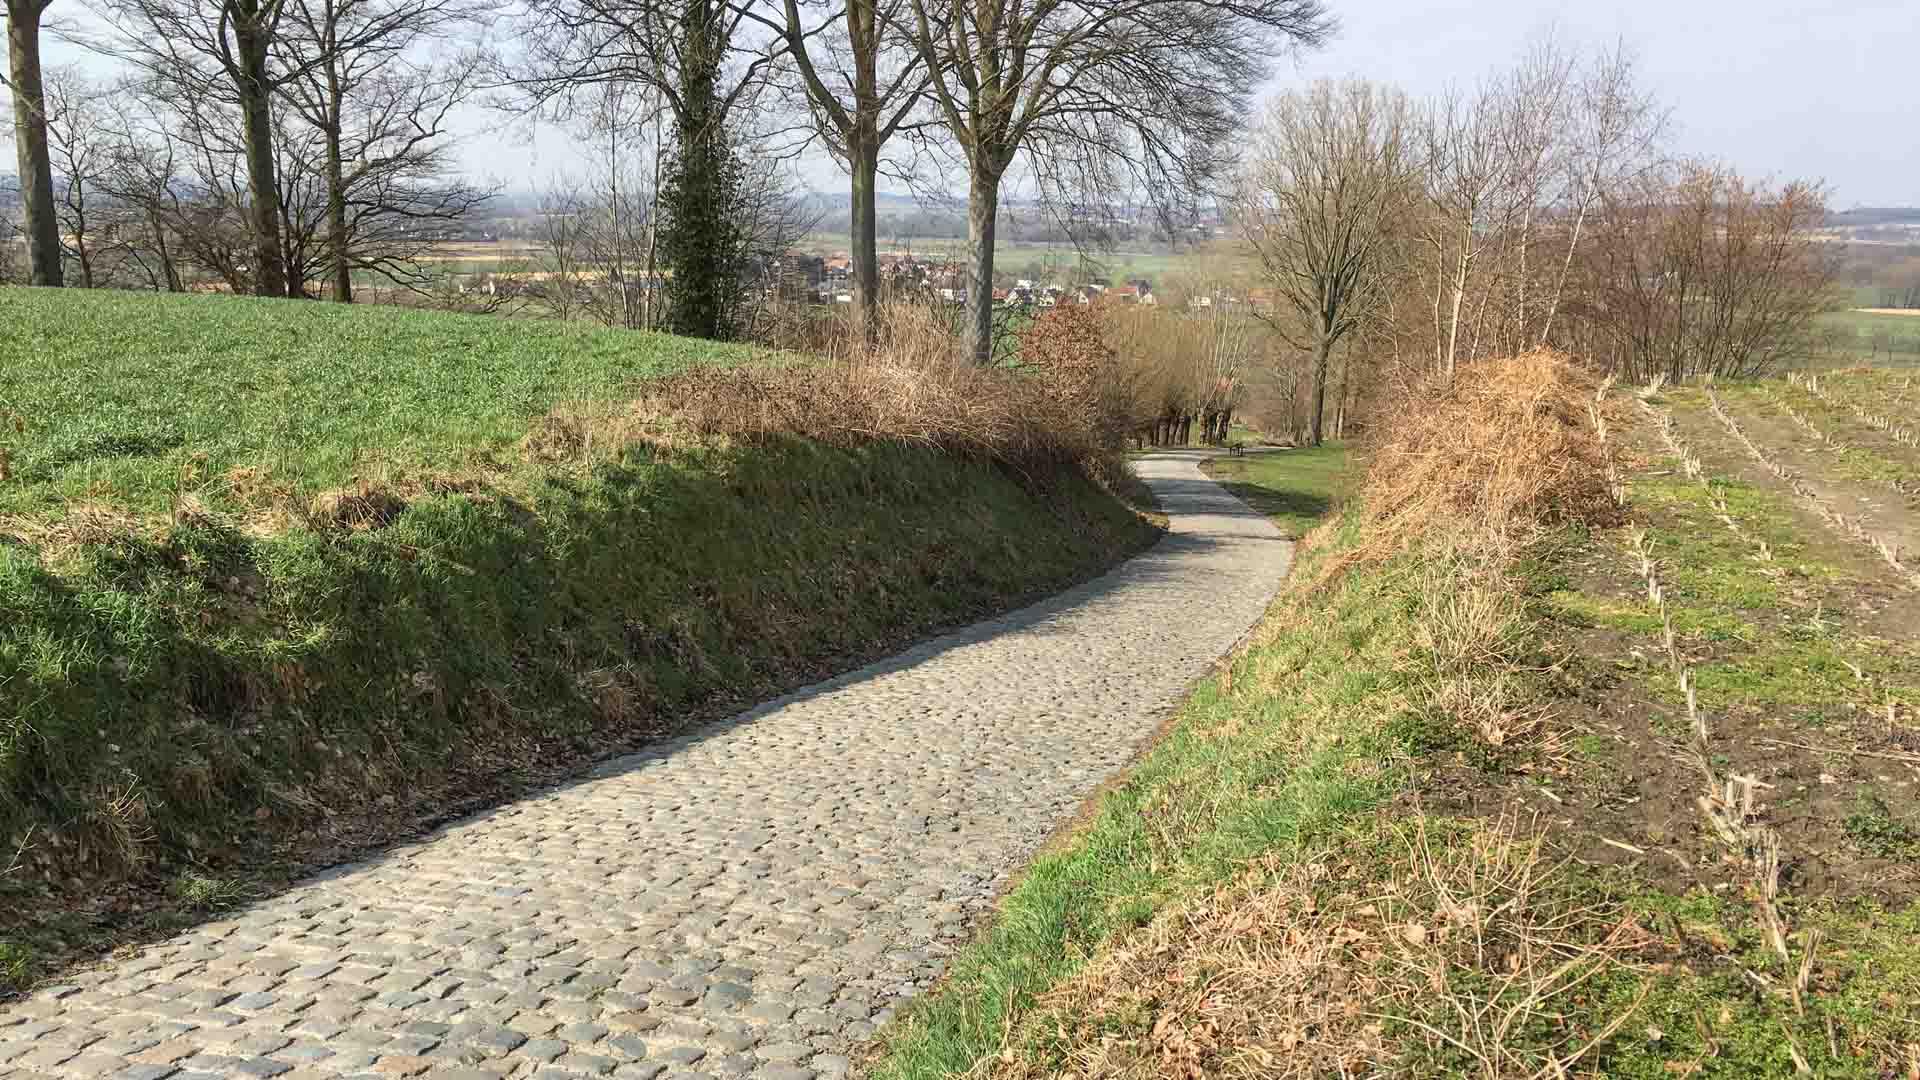 Cycling Koppenberg, Flanders Belgium